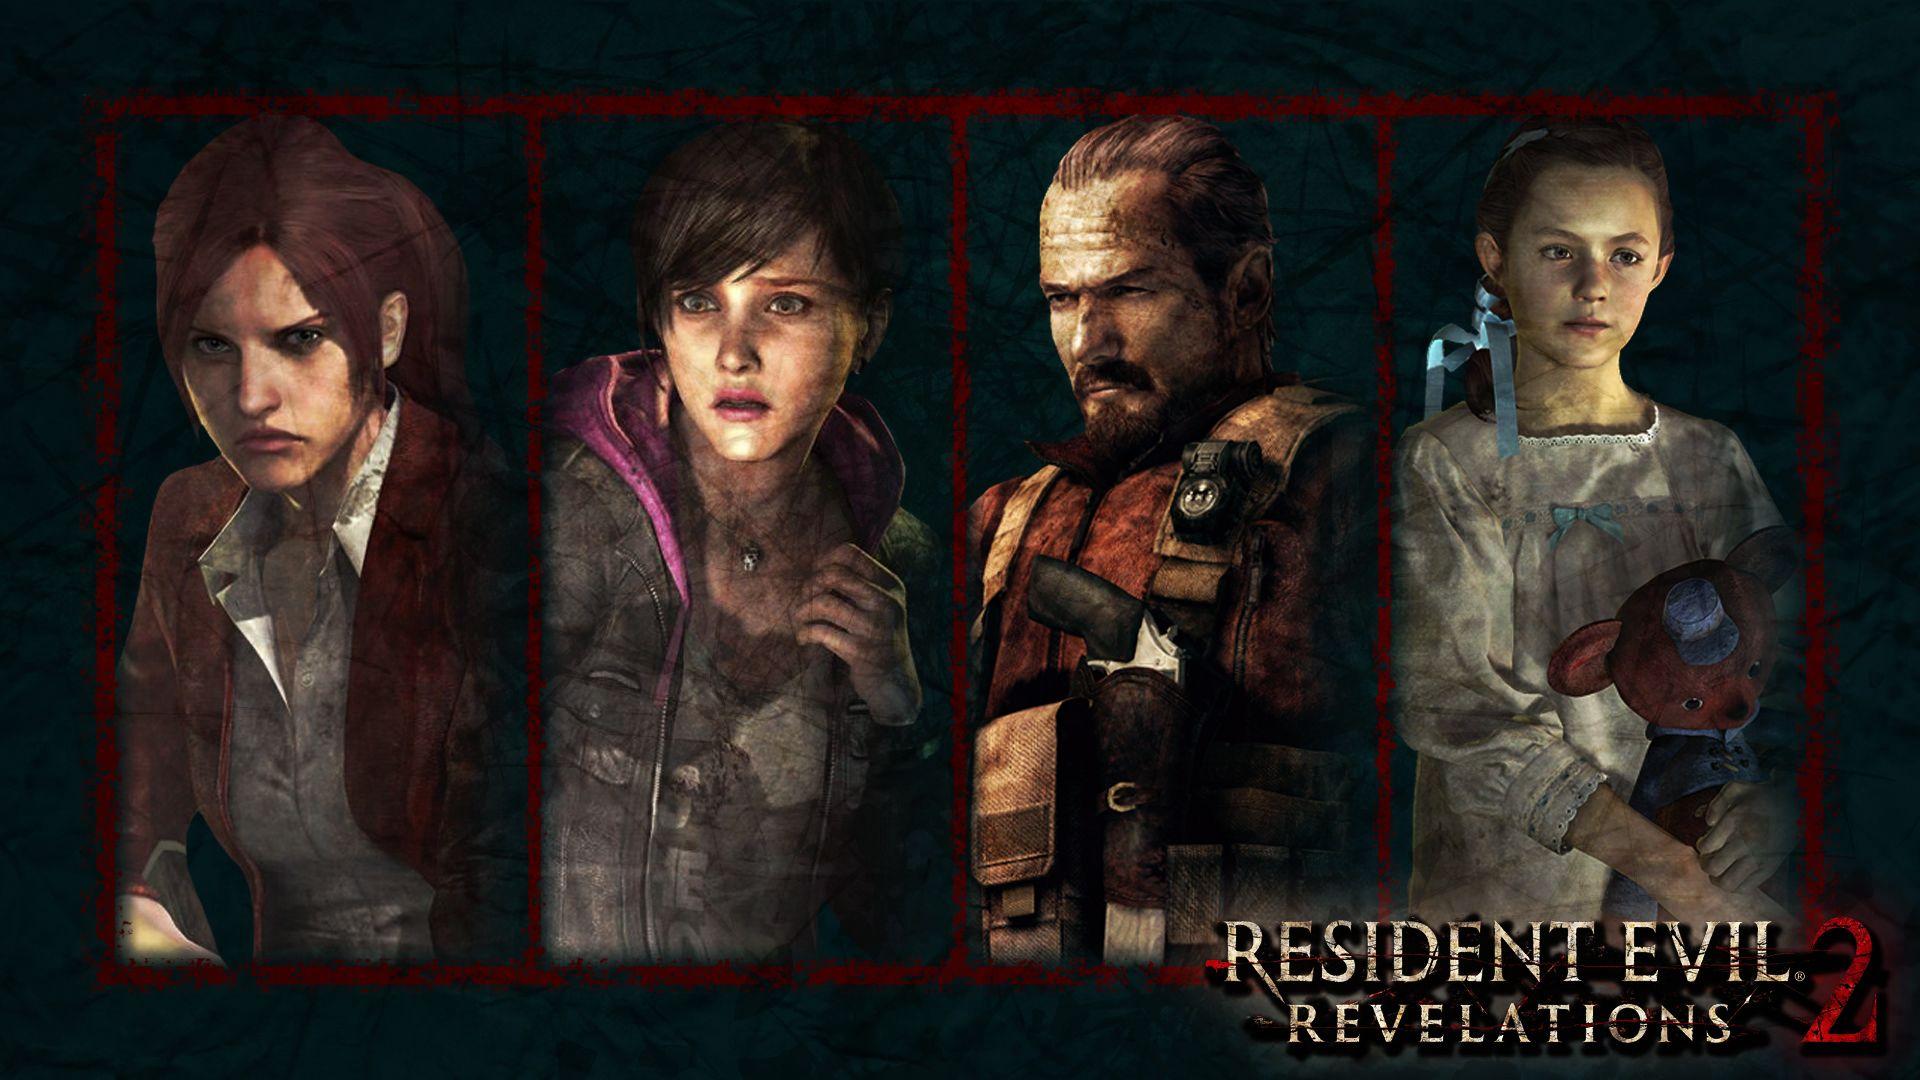 Resident Evil: Revelations 2 - Main Characters | Resident evil ...